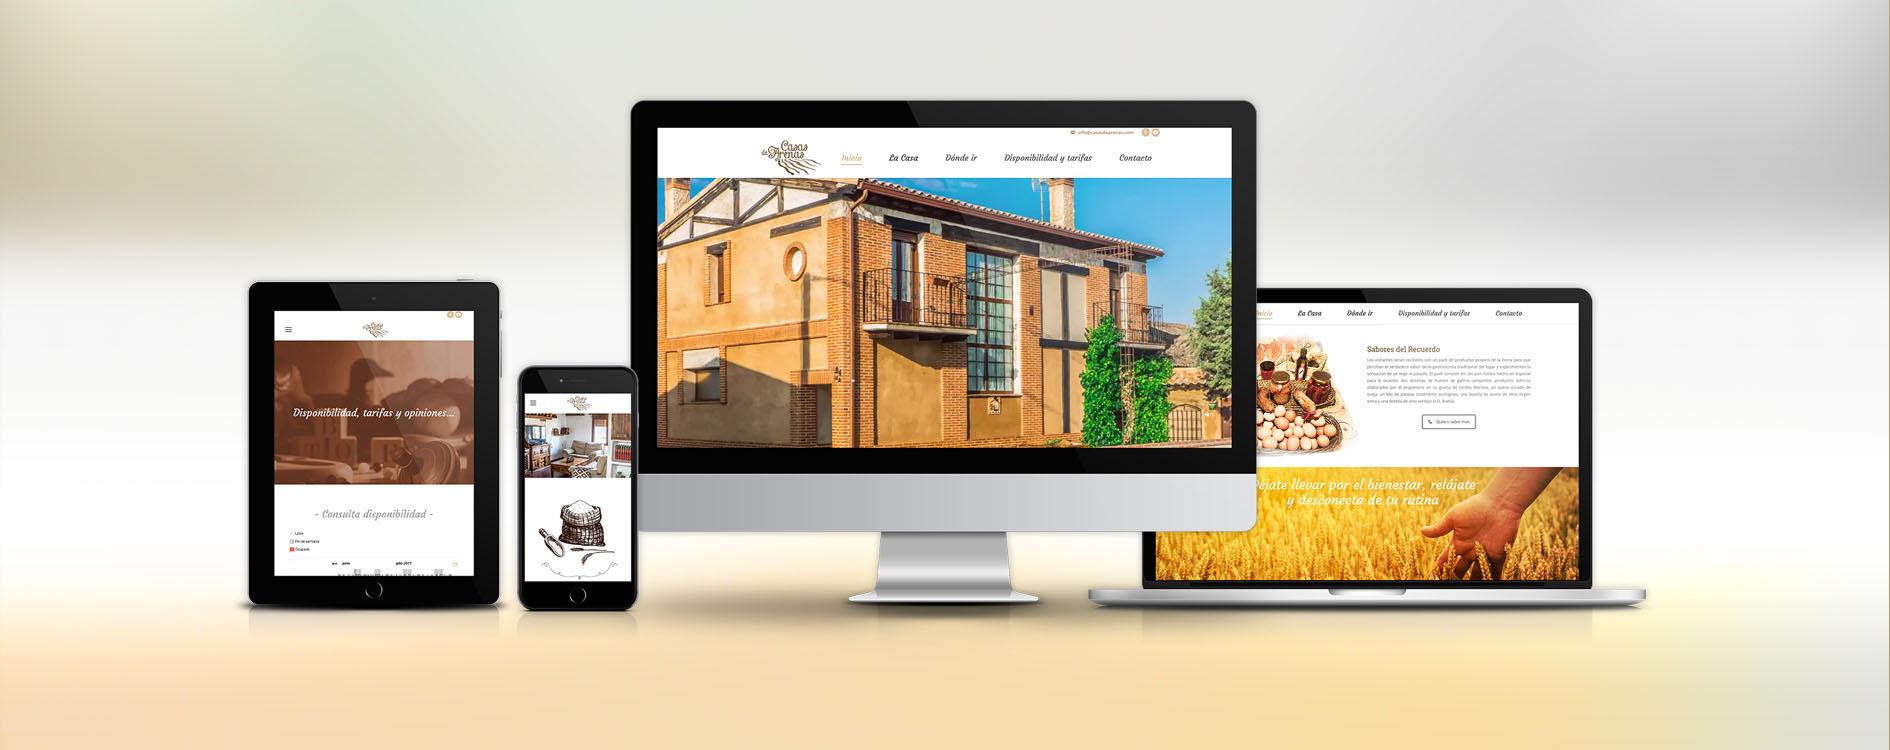 Casas de Arenas, diseño gráfico y web responsivo by Oh Visual Agencia Creativa